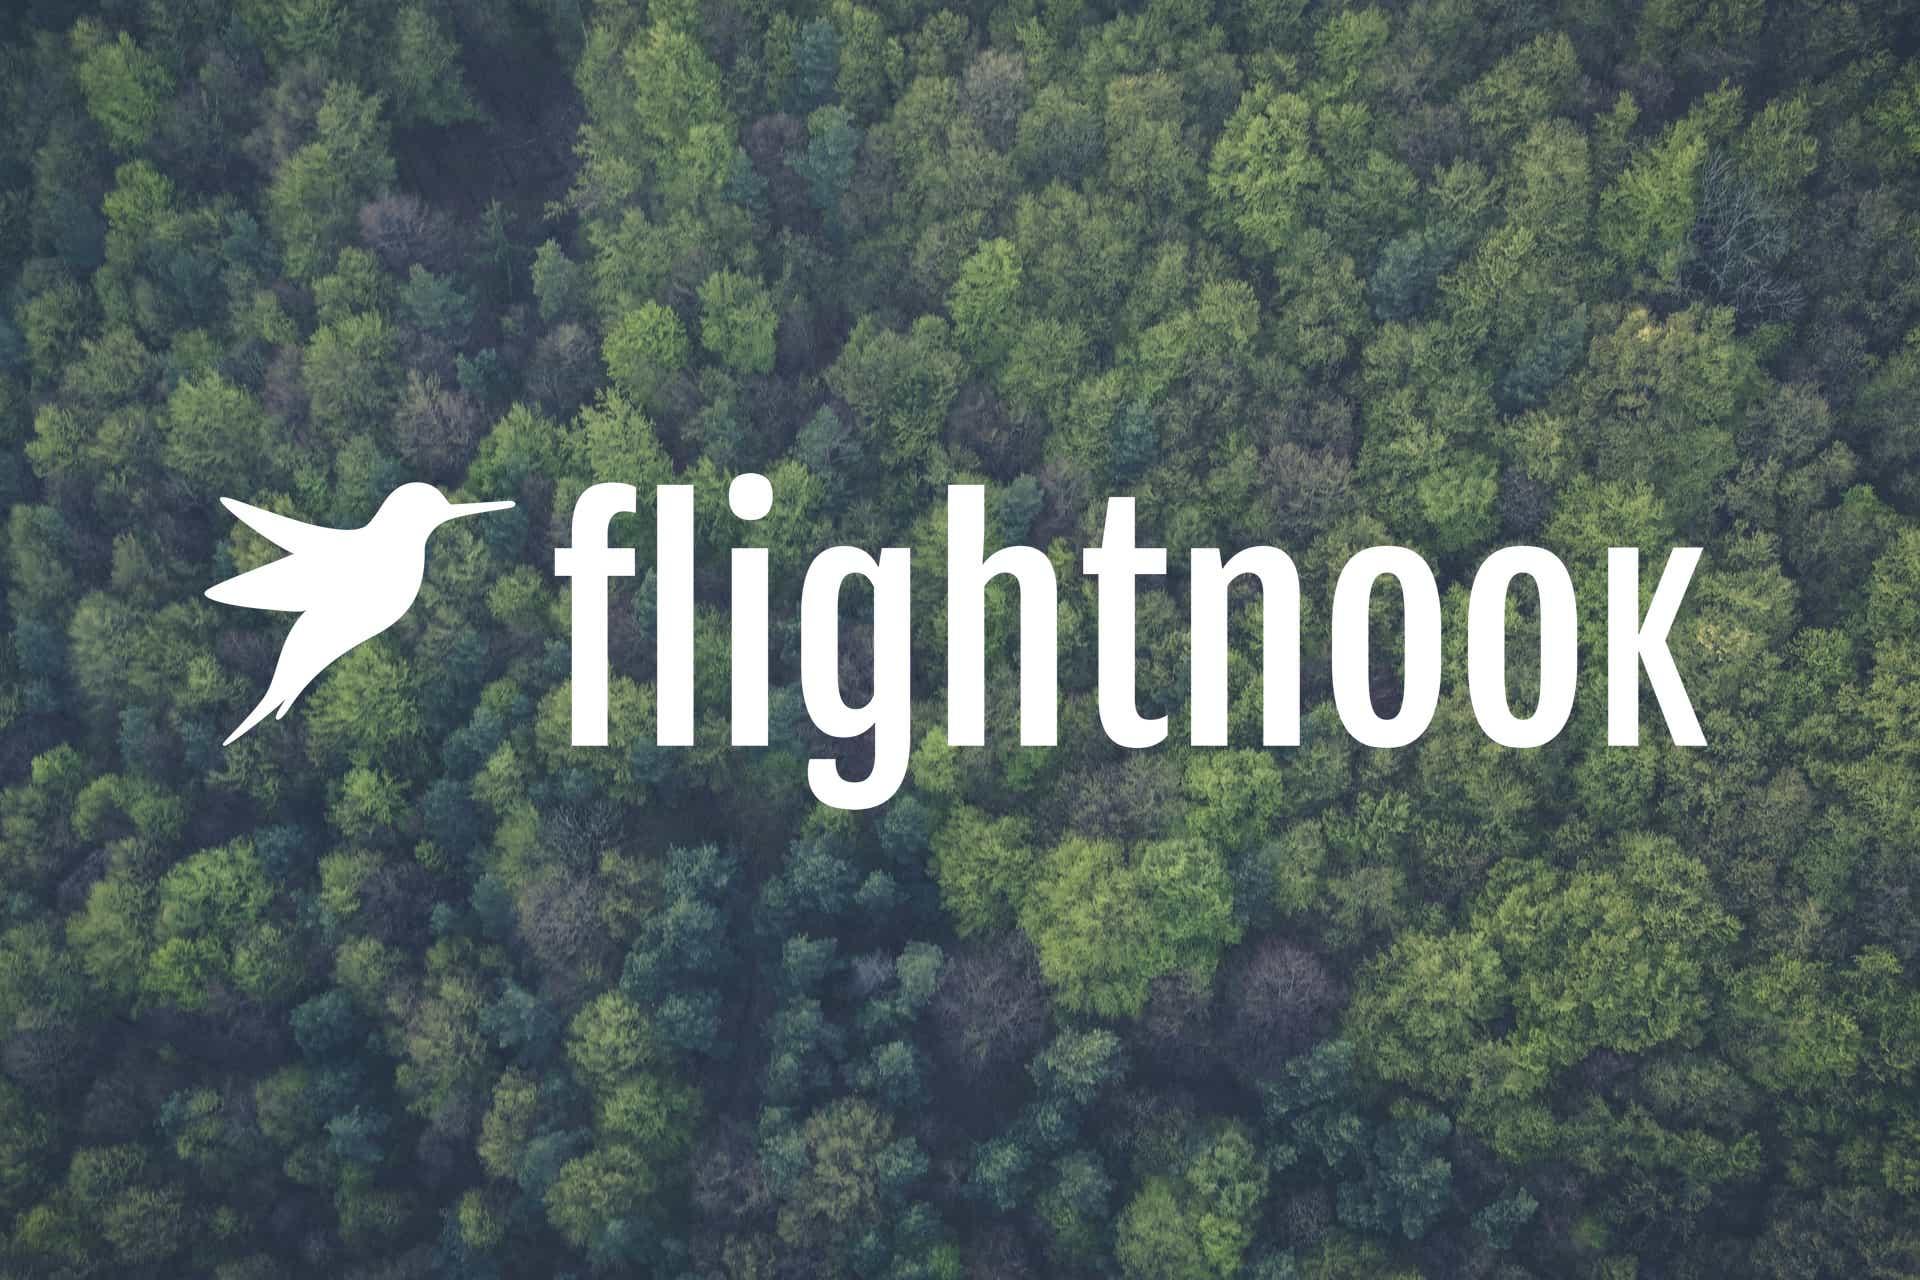 Flightnook